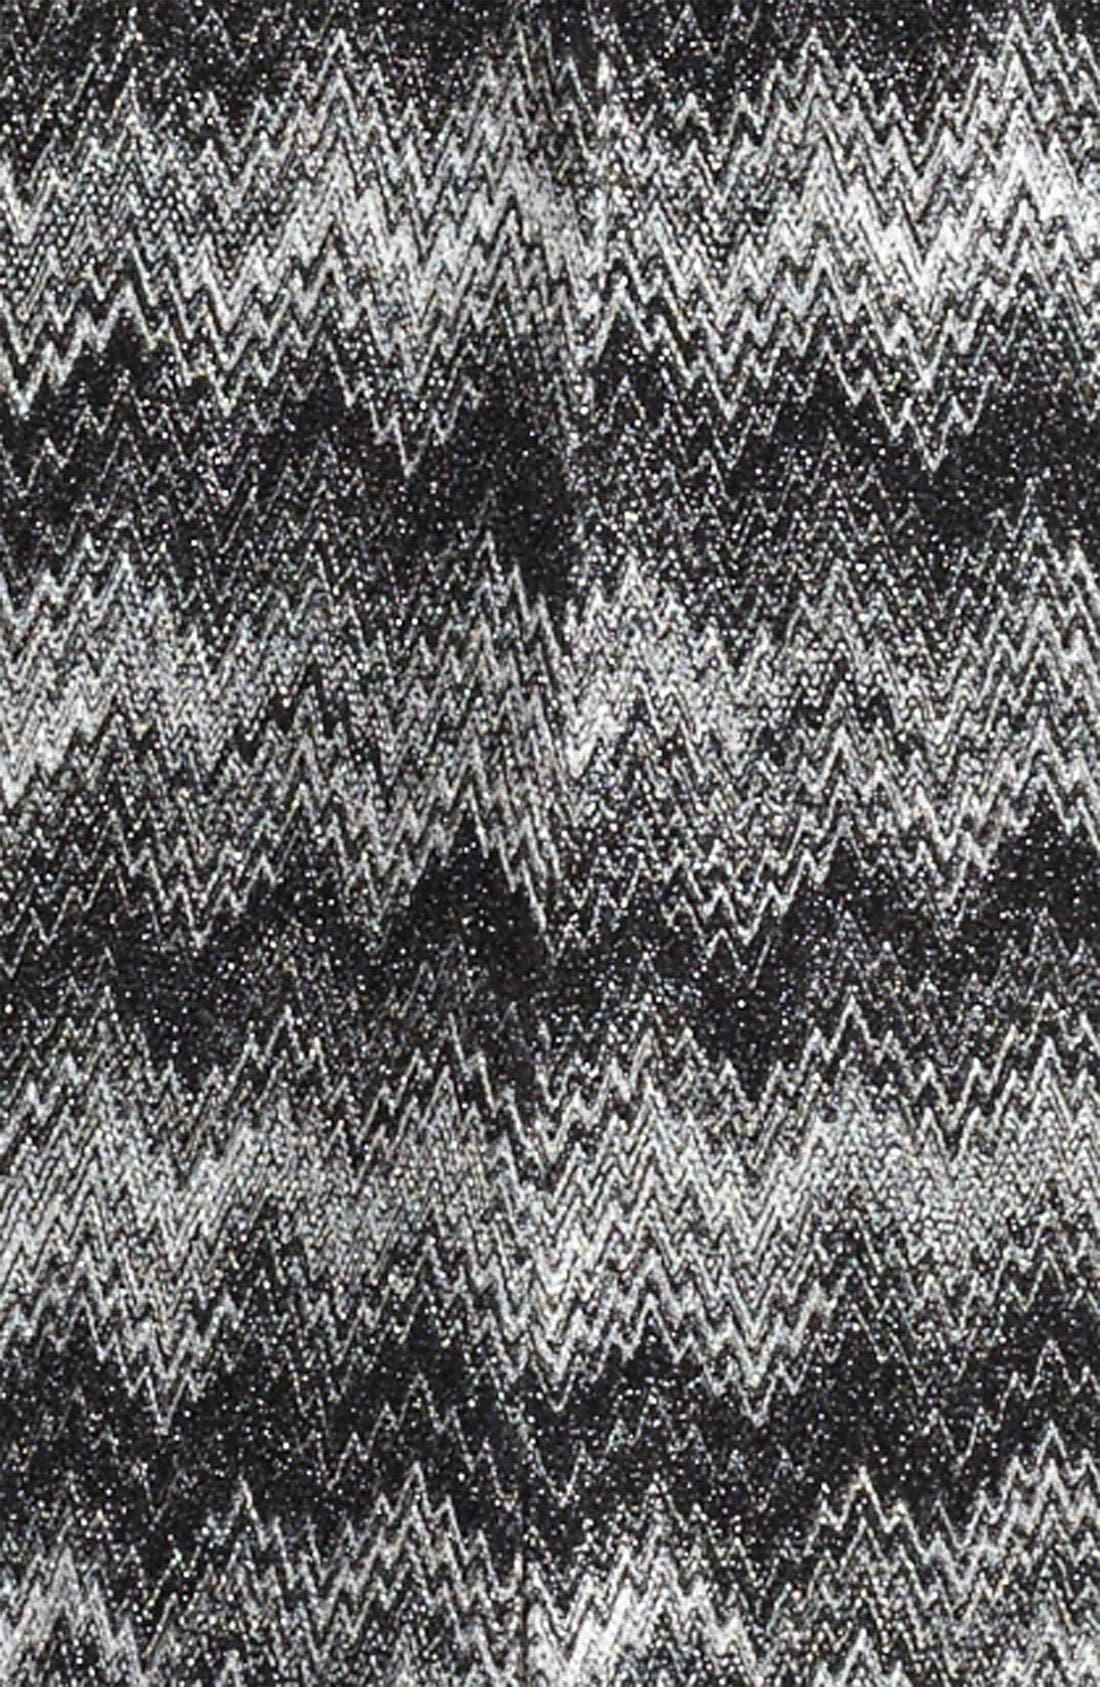 MISSONI, Long Snake Stitch Coat, Alternate thumbnail 2, color, 001